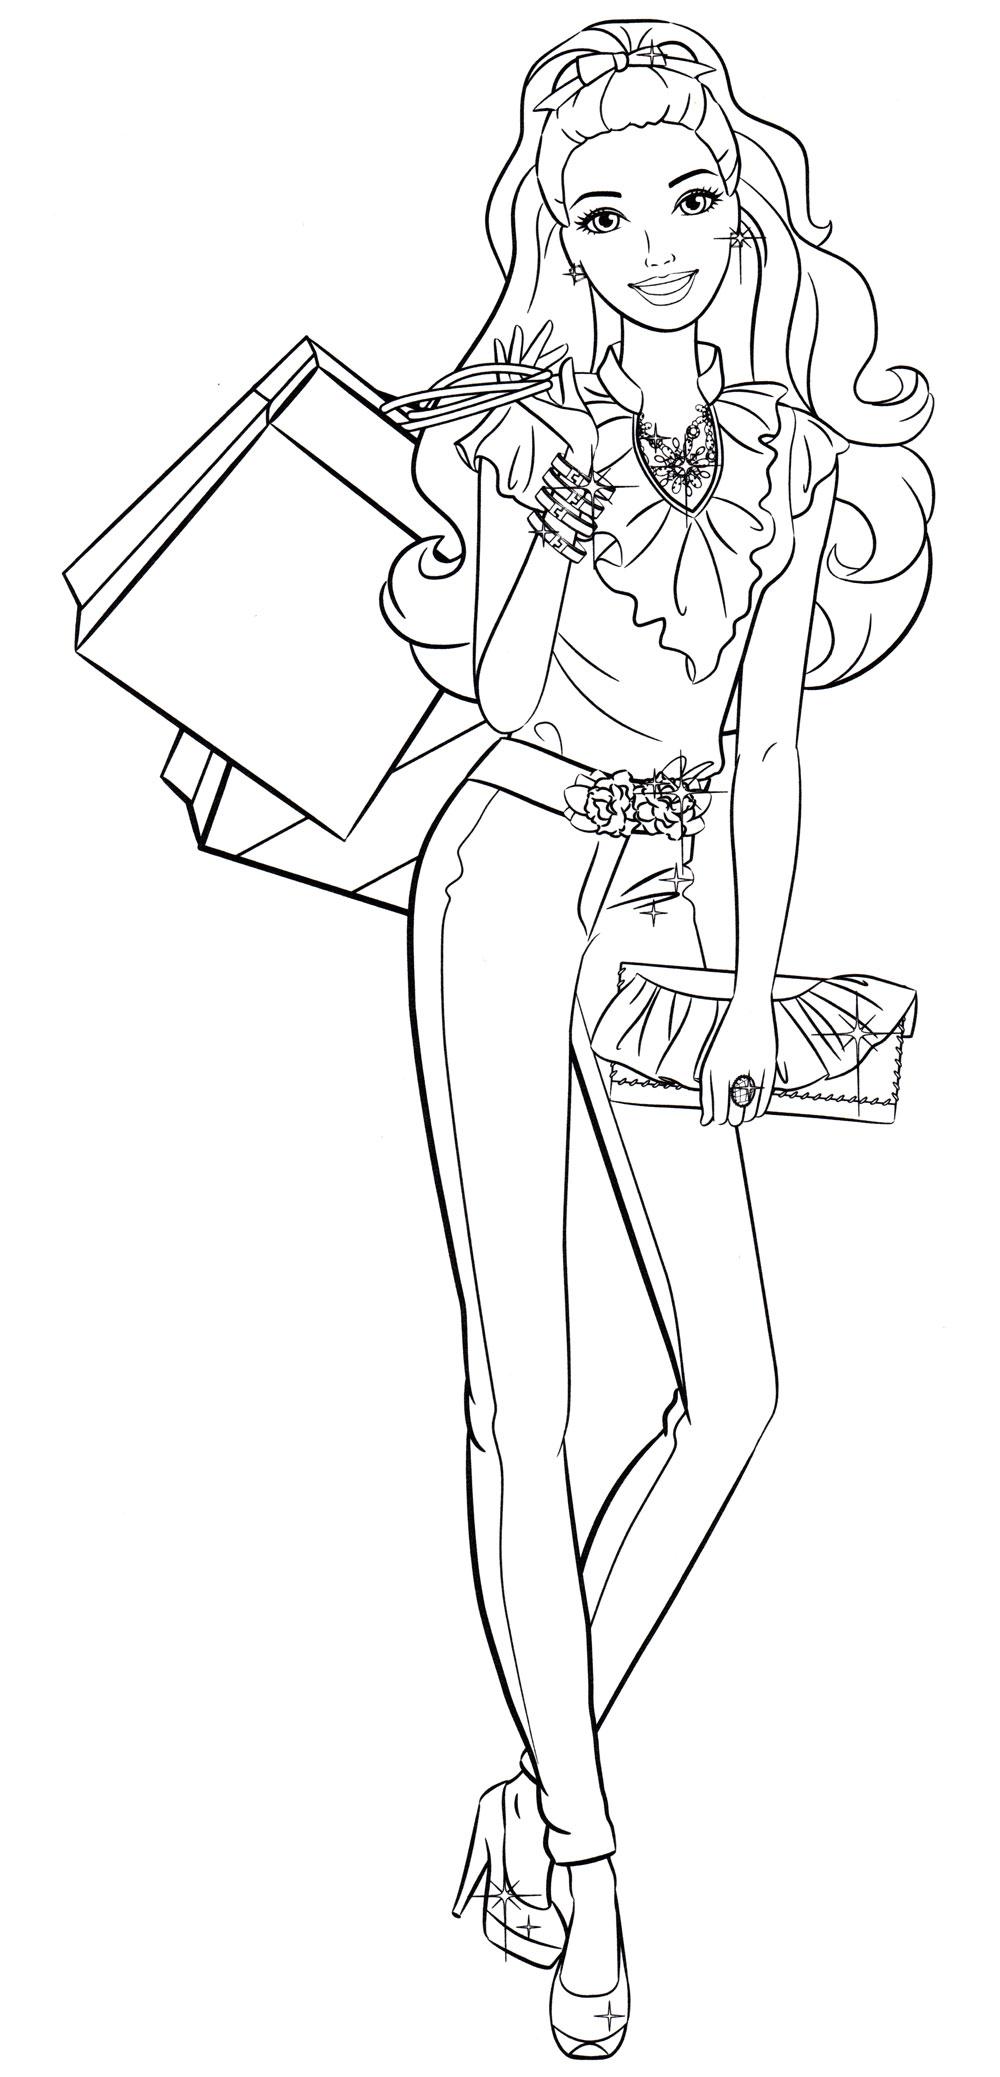 Раскраска Барби с покупками - распечатать бесплатно